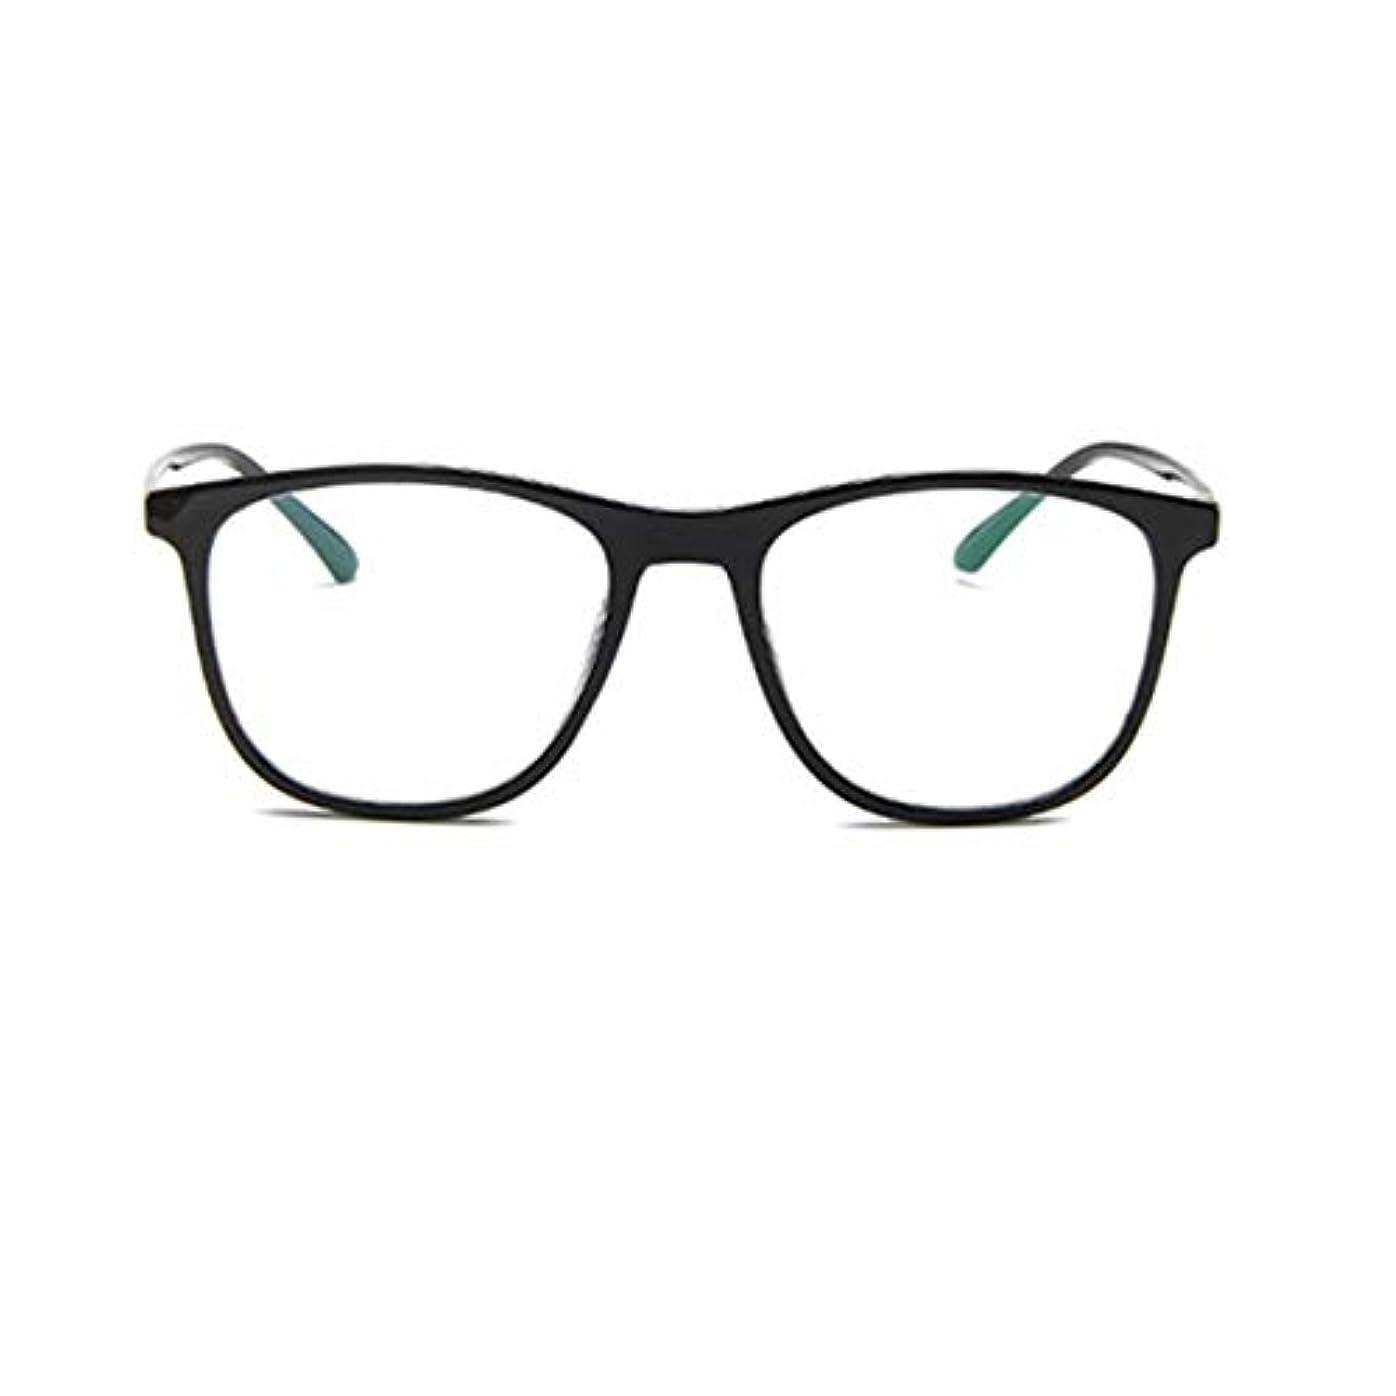 振る紫の艦隊韓国の学生のプレーンメガネの男性と女性のファッションメガネフレーム近視メガネフレームファッショナブルなシンプルなメガネ-ブライトブラック